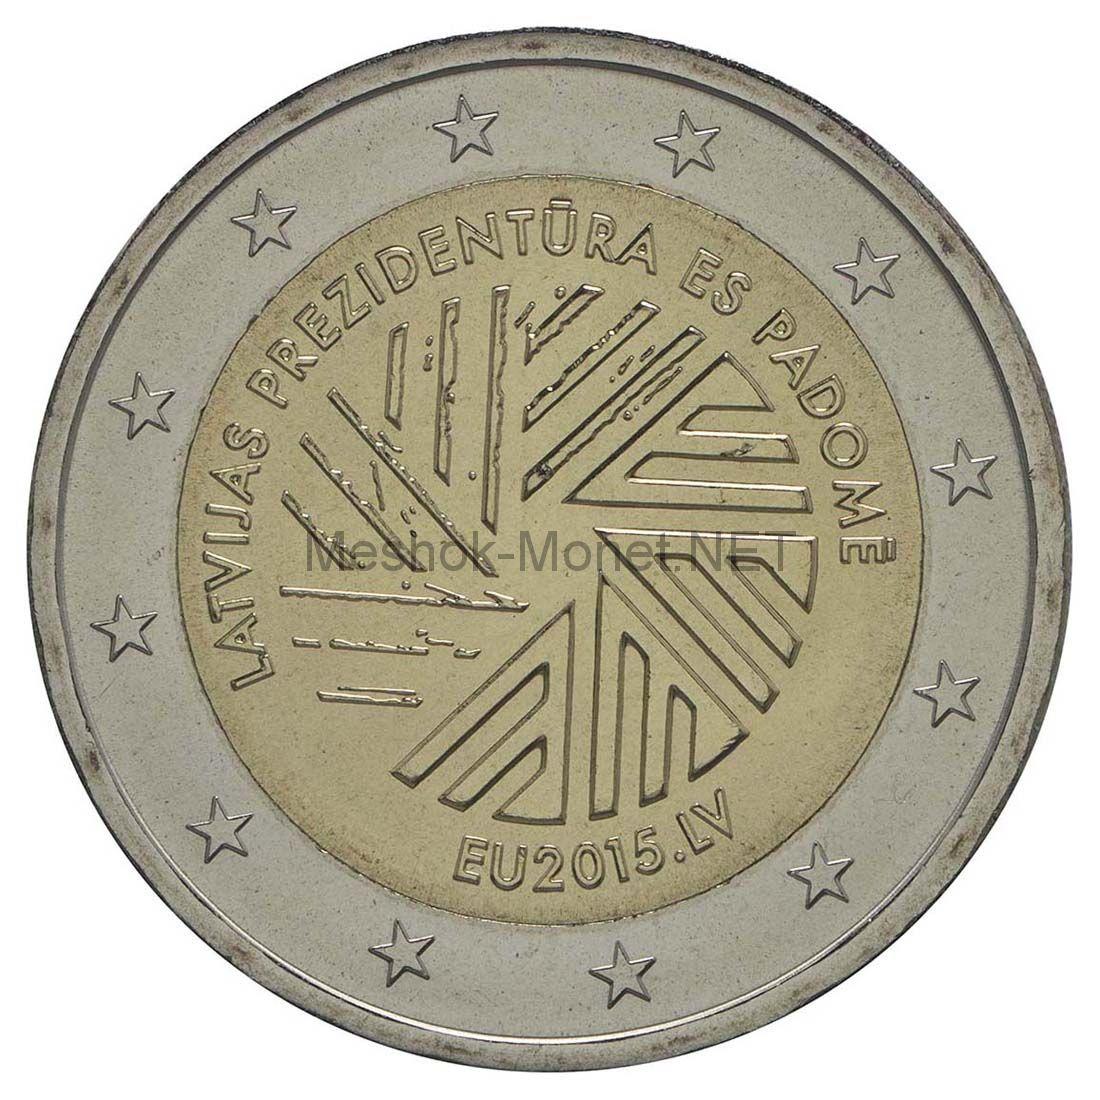 Латвия, 2 евро 2015, Председательство в ЕС